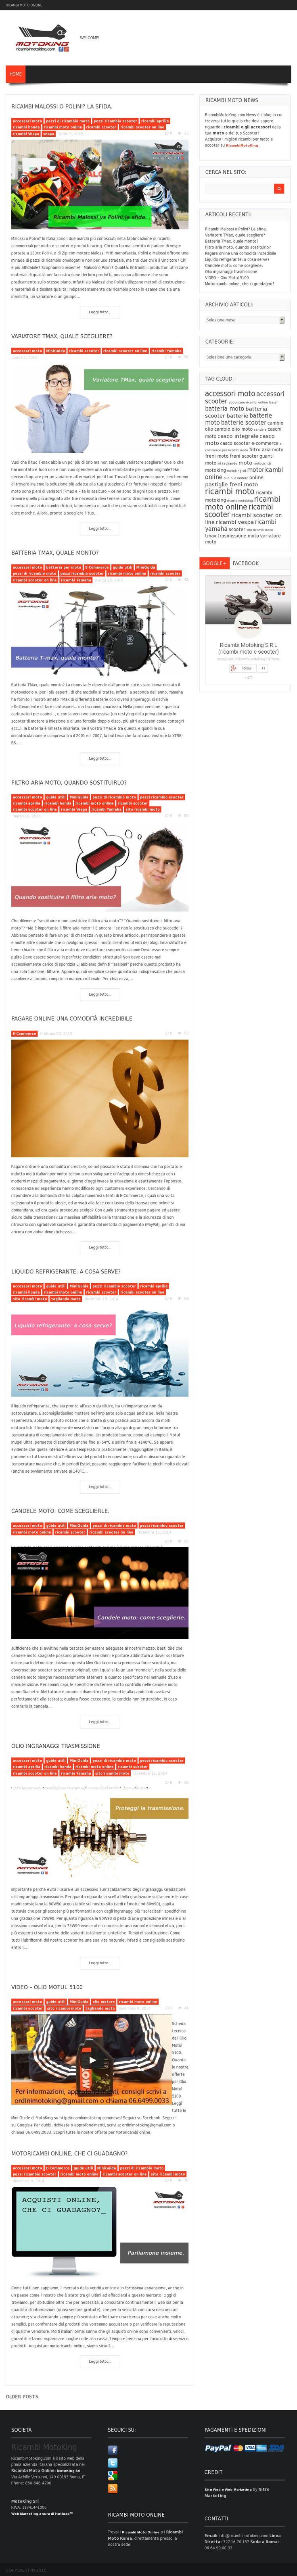 Creazione grafiche e revisione contenuti per Ricambi Moto King  courtesy of @Pinstamatic (http://pinstamatic.com)